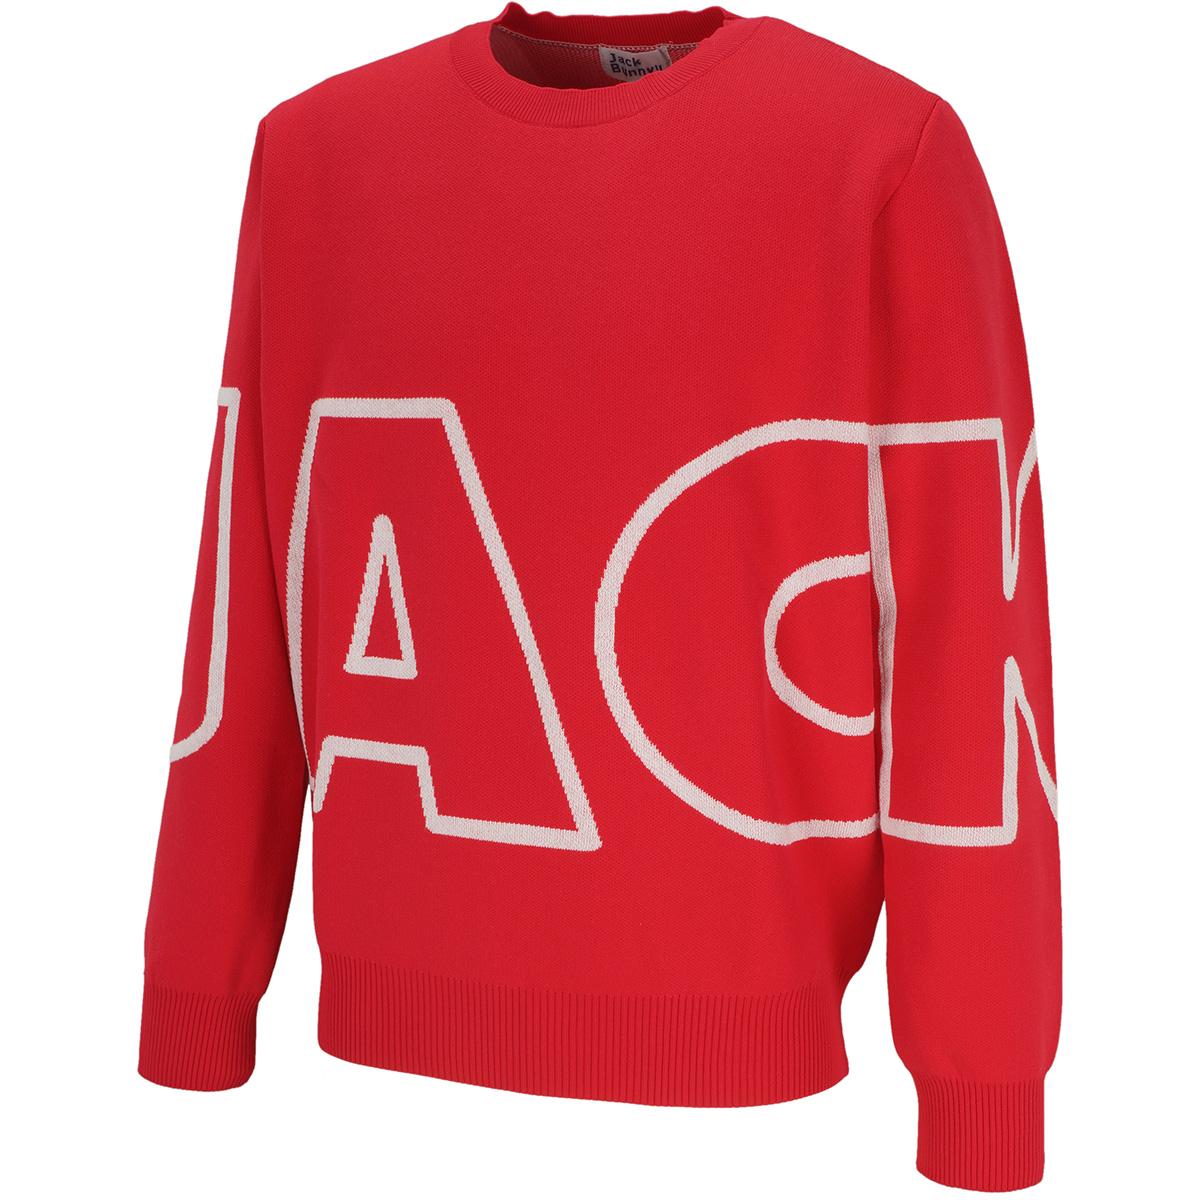 2PLY Wジャカードセーター